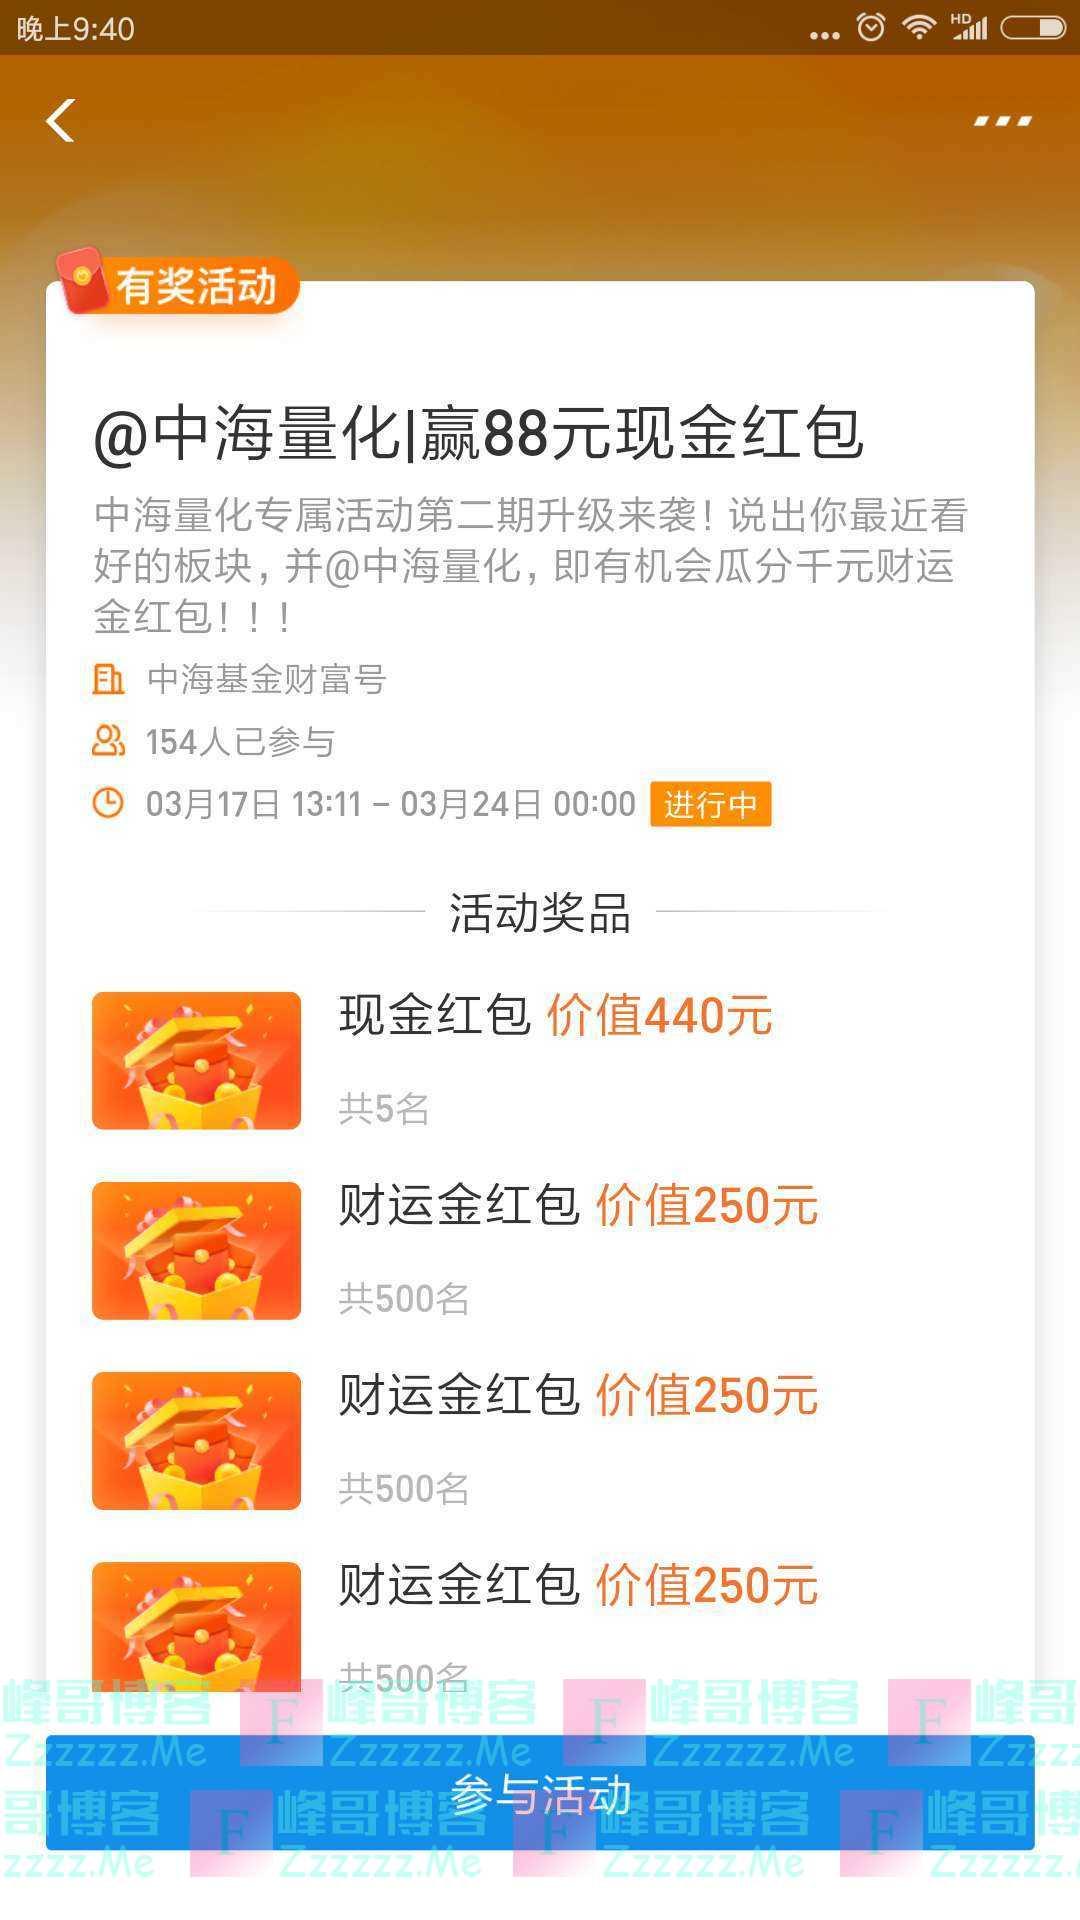 中海基金中海量化 赢88元现金红包(截止3月24日)